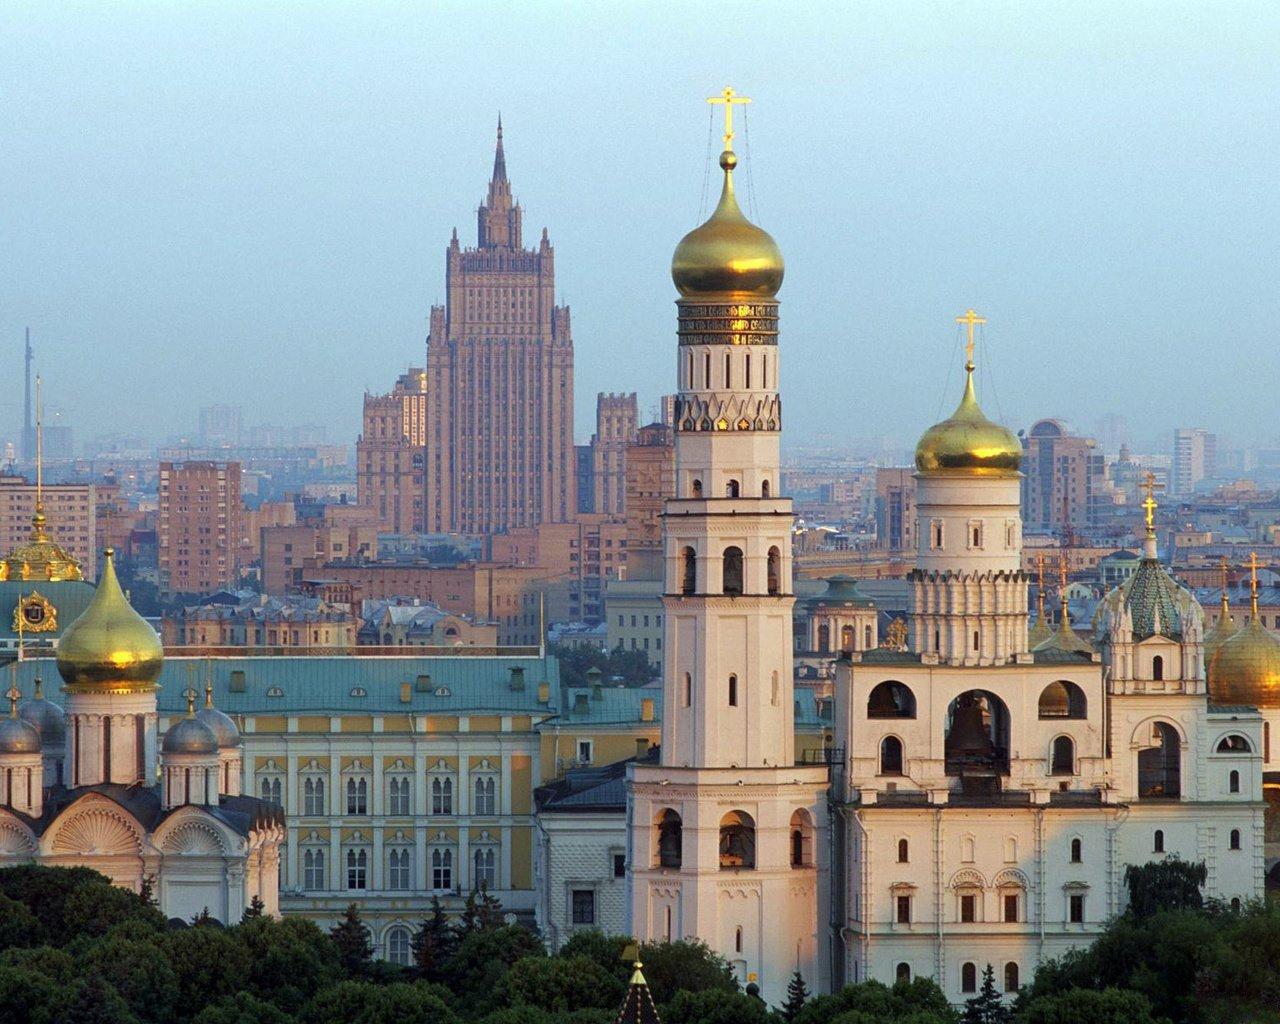 архитектура страны Церковь Москва Россия  № 2449706 бесплатно